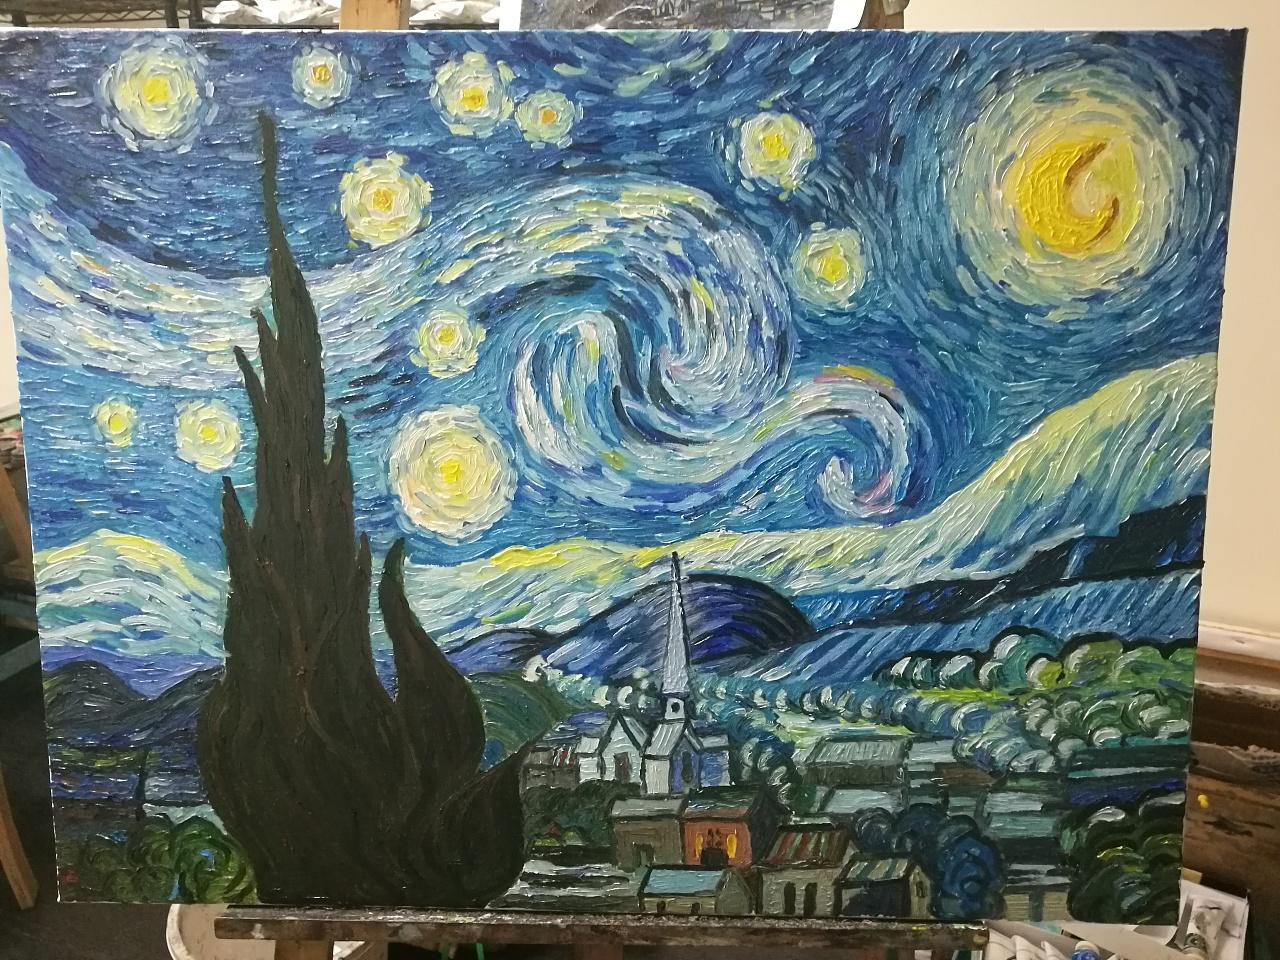 临摹梵高星空|纯艺术|油画|不克 - 原创作品 - 站酷